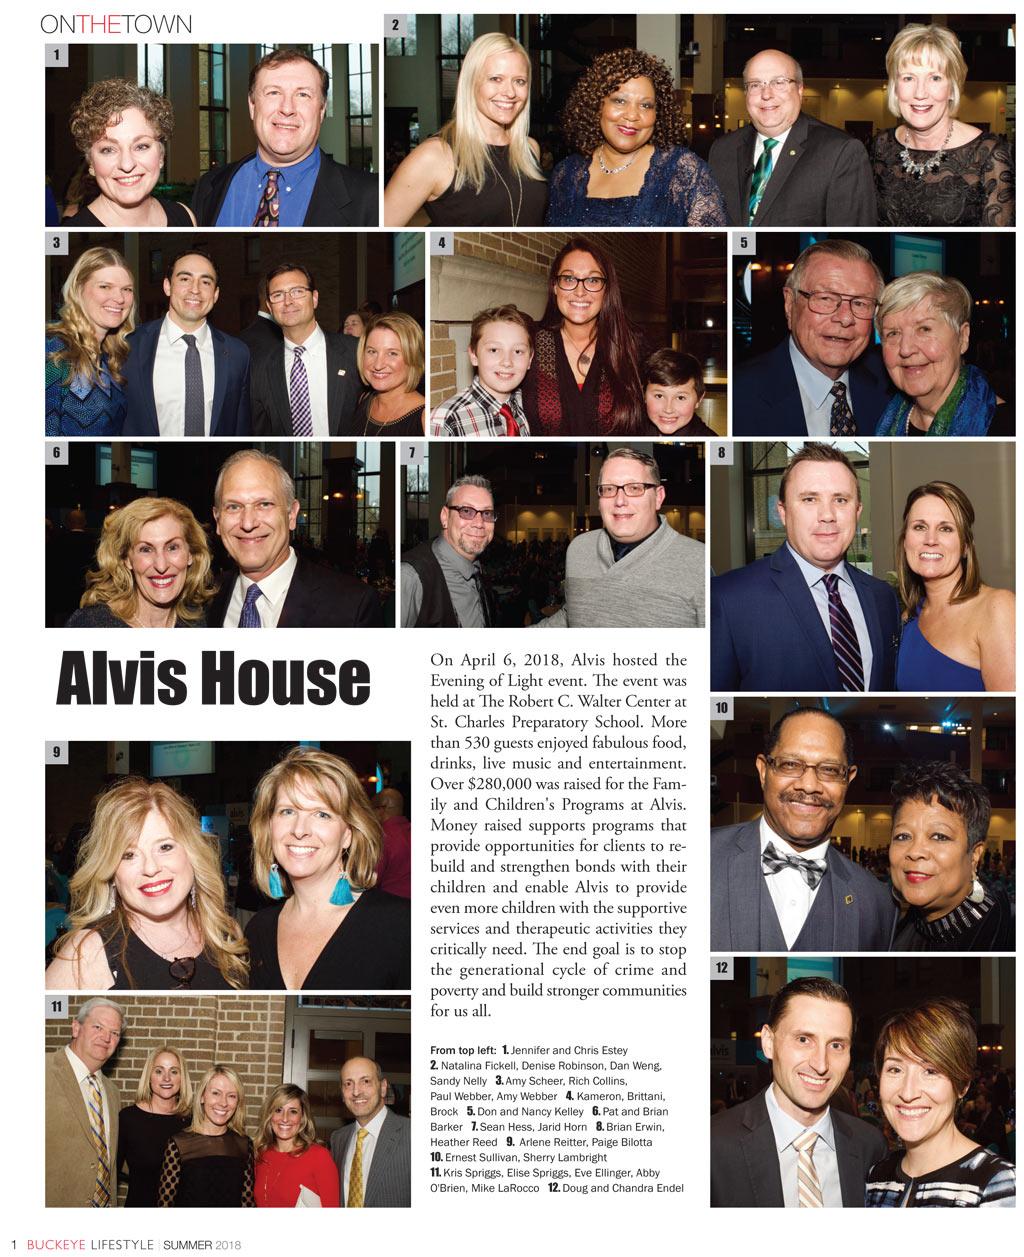 Alvis House